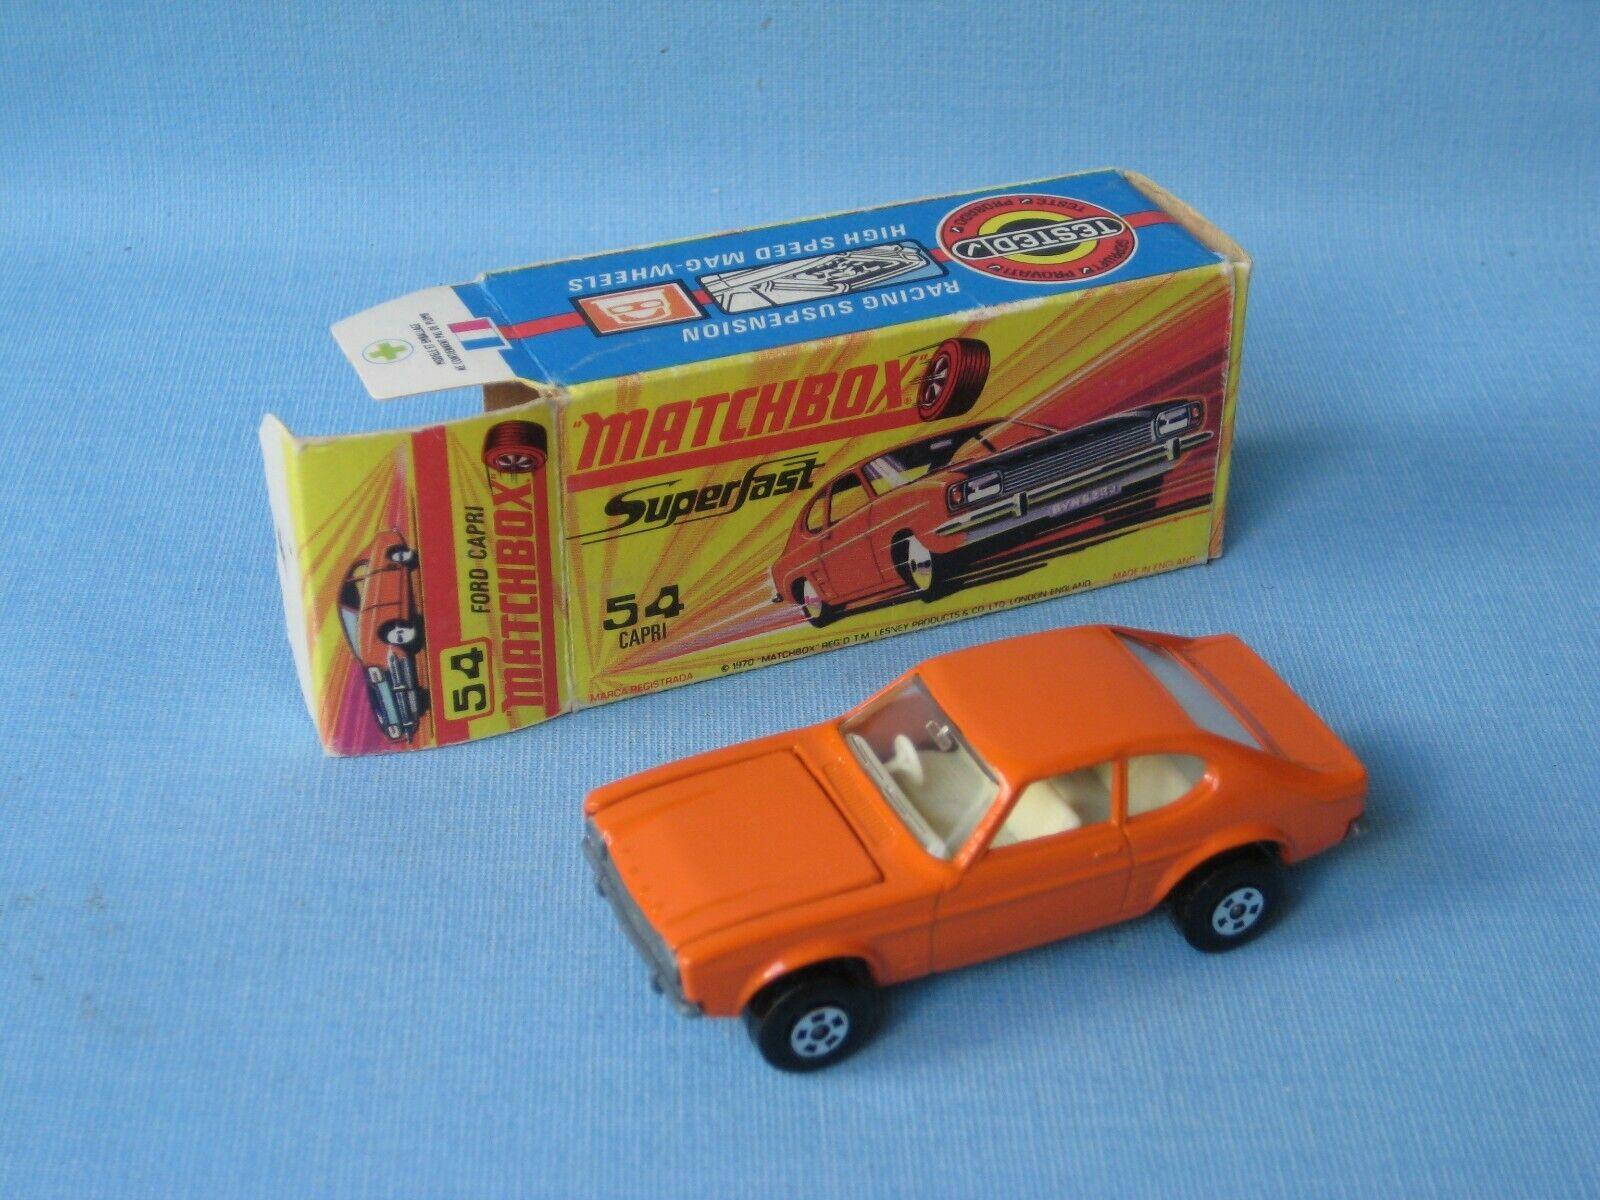 LESNEY MATCHBOX SUPERFAST 54 Ford Capri Corps Orange Coffret  Jouet Voiture Modèle  haute qualité